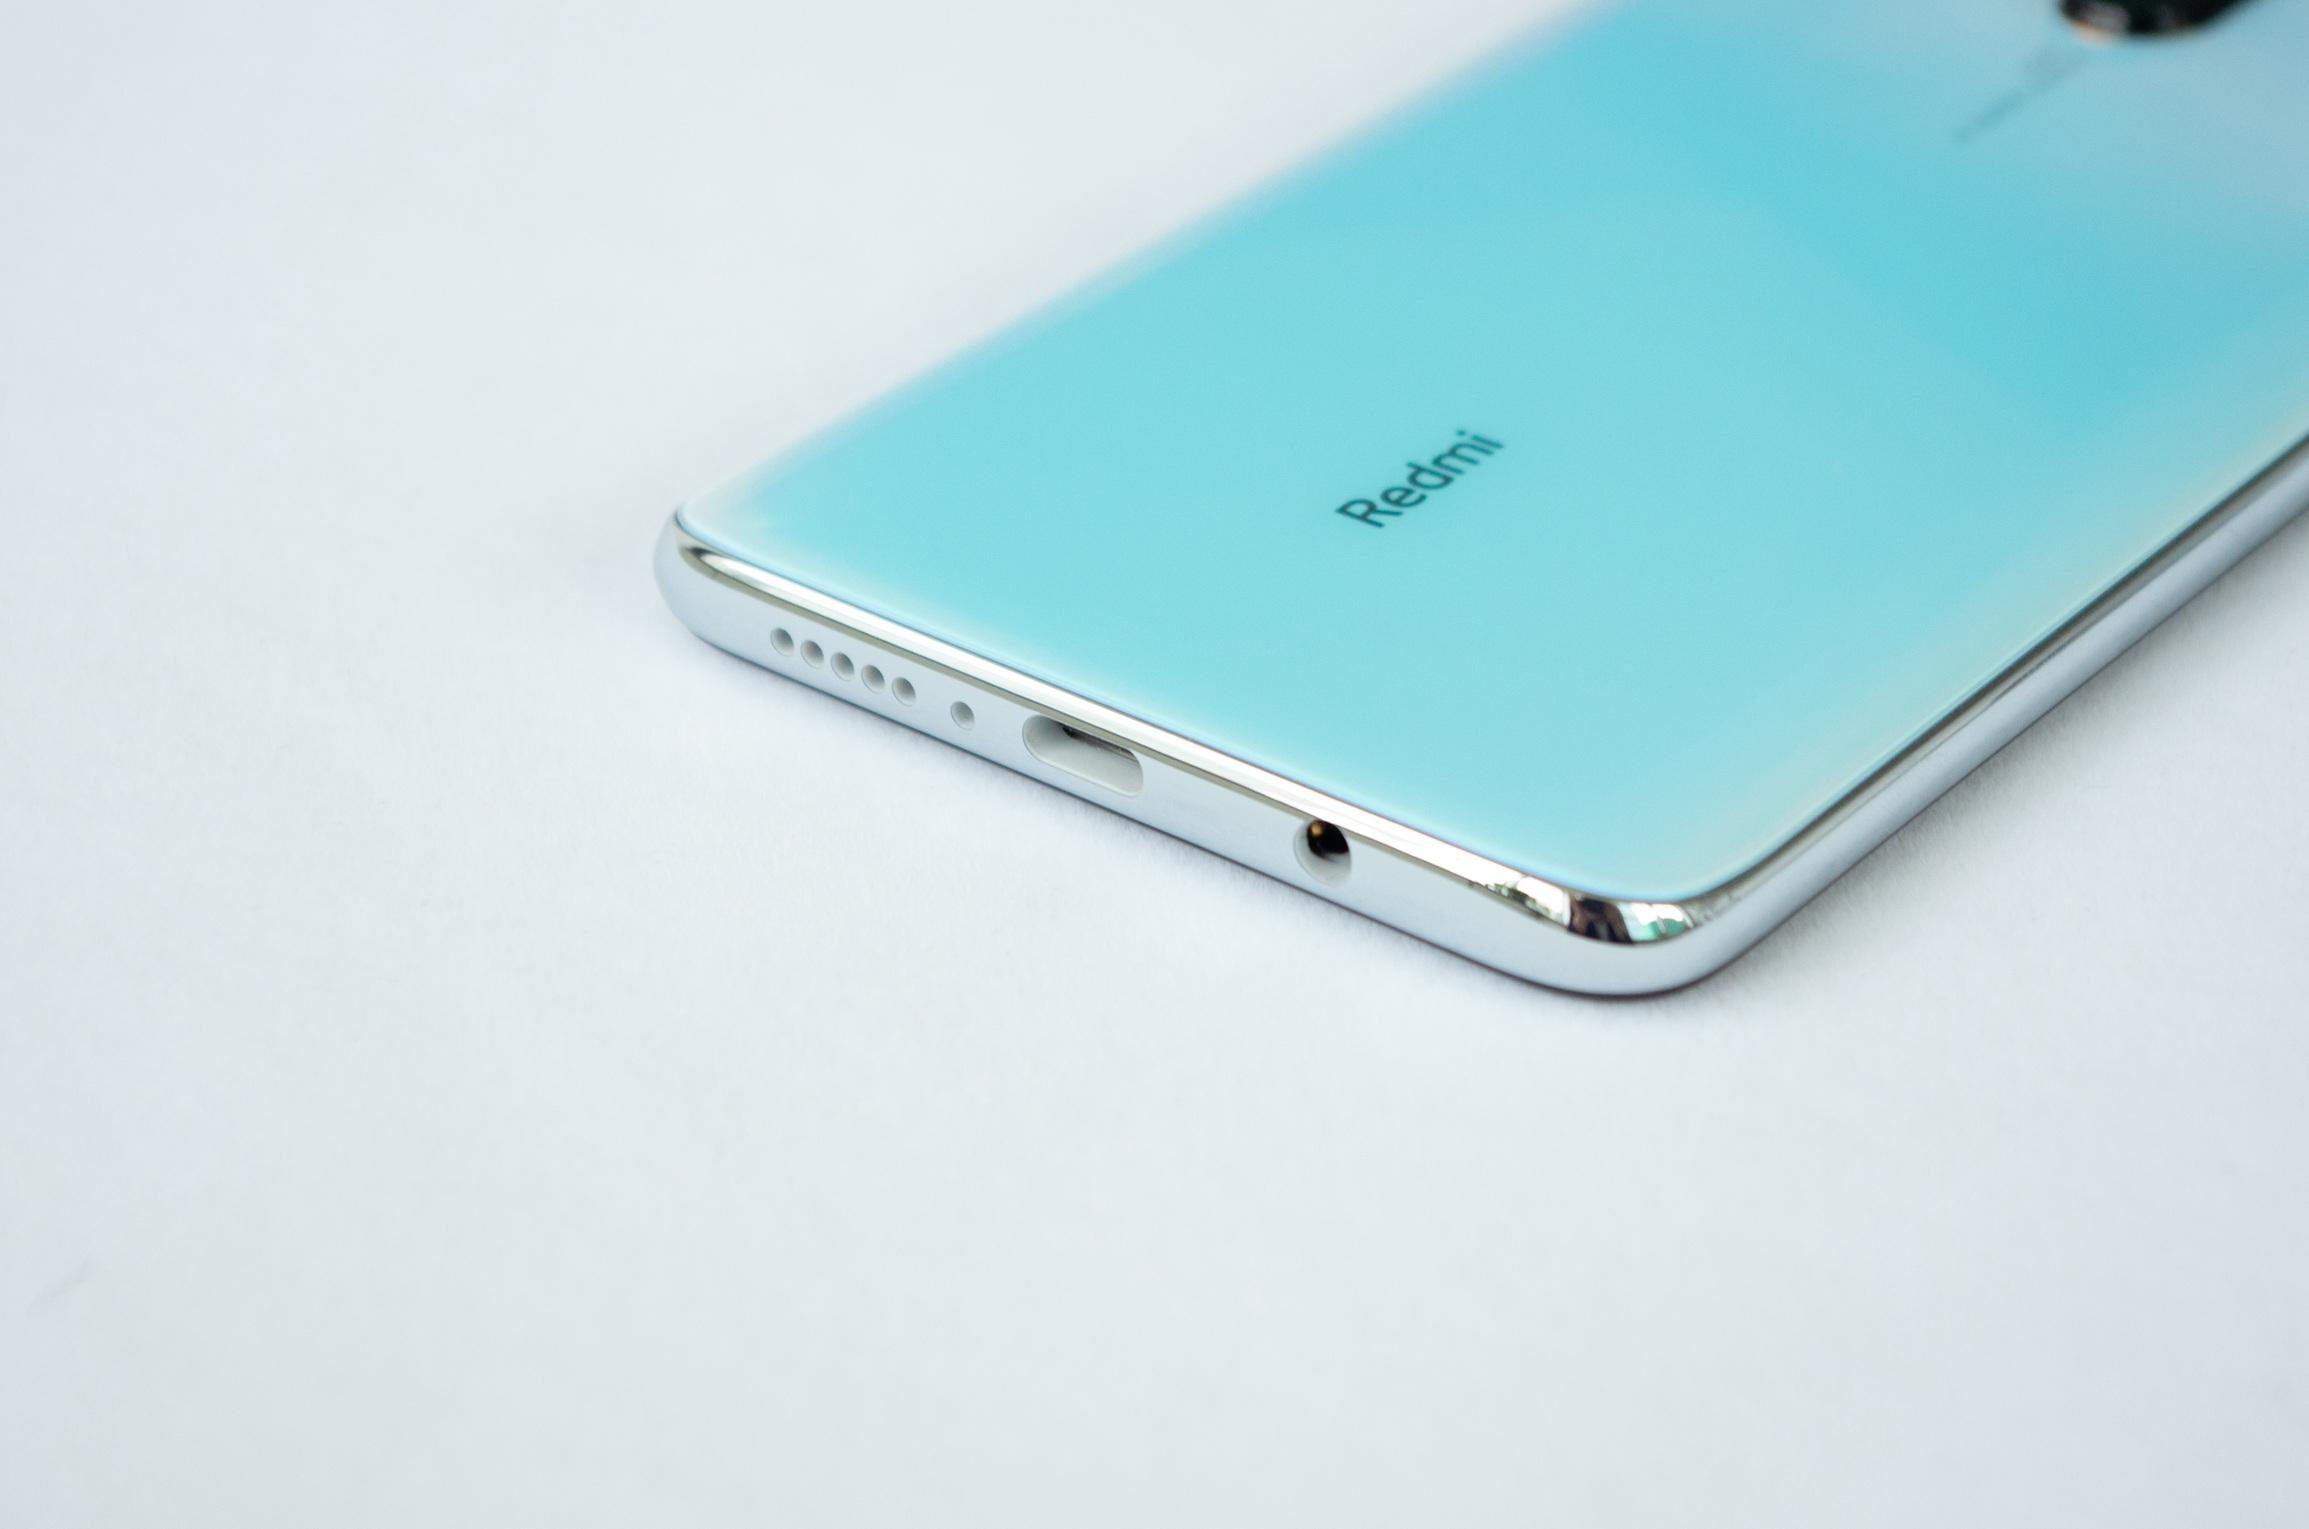 1399元起!Redmi Note 8 Pro评测:一部接近旗舰的千元机